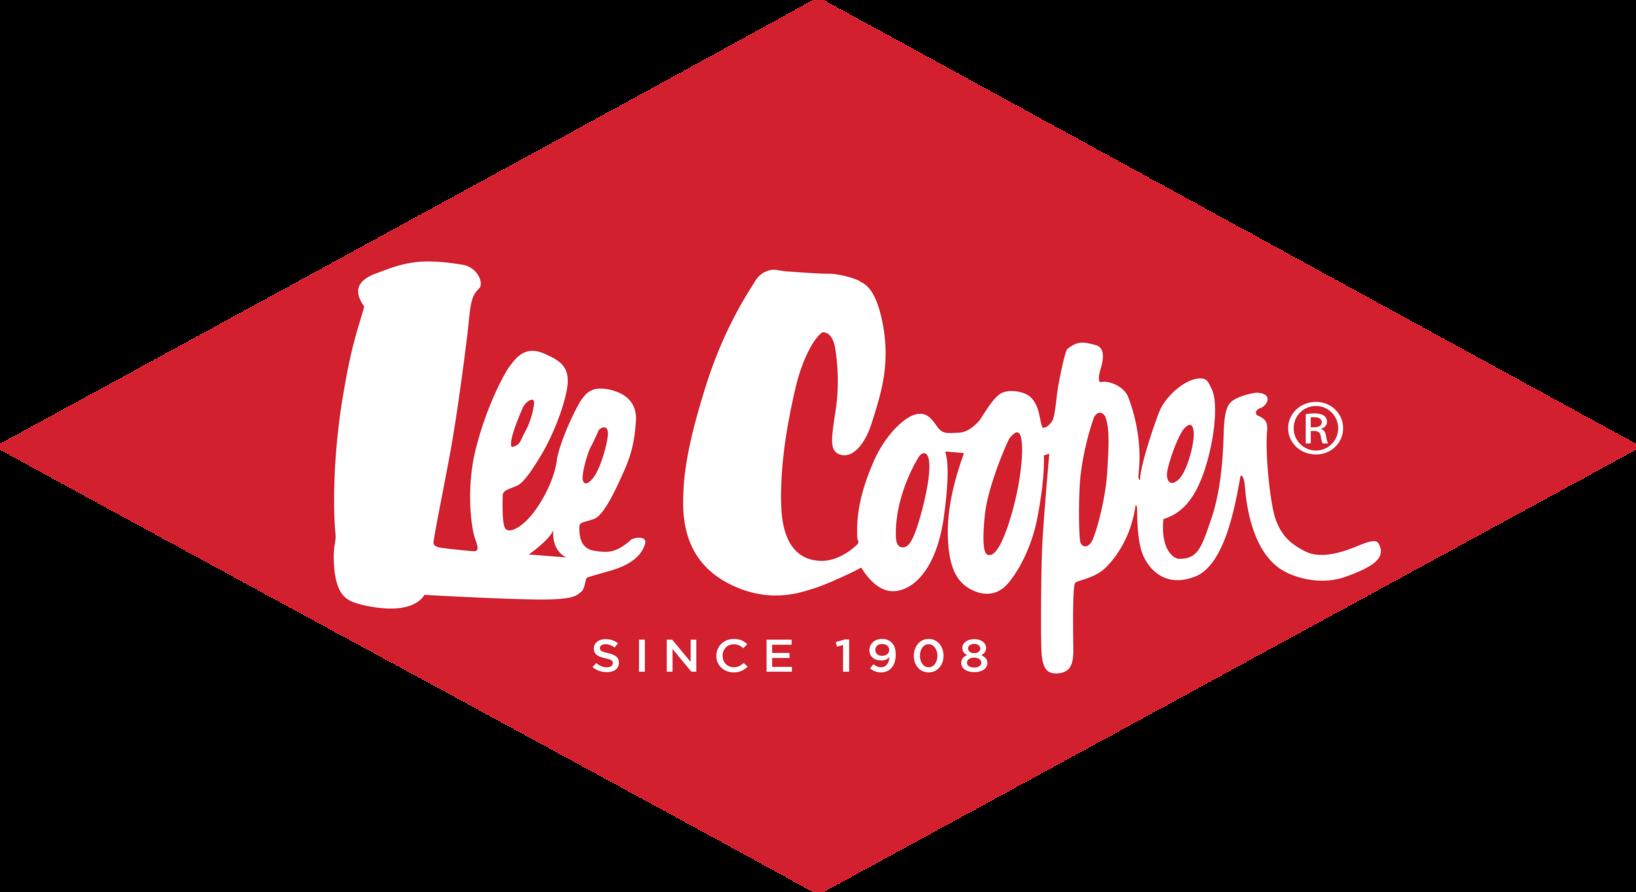 Leecooper Morocco